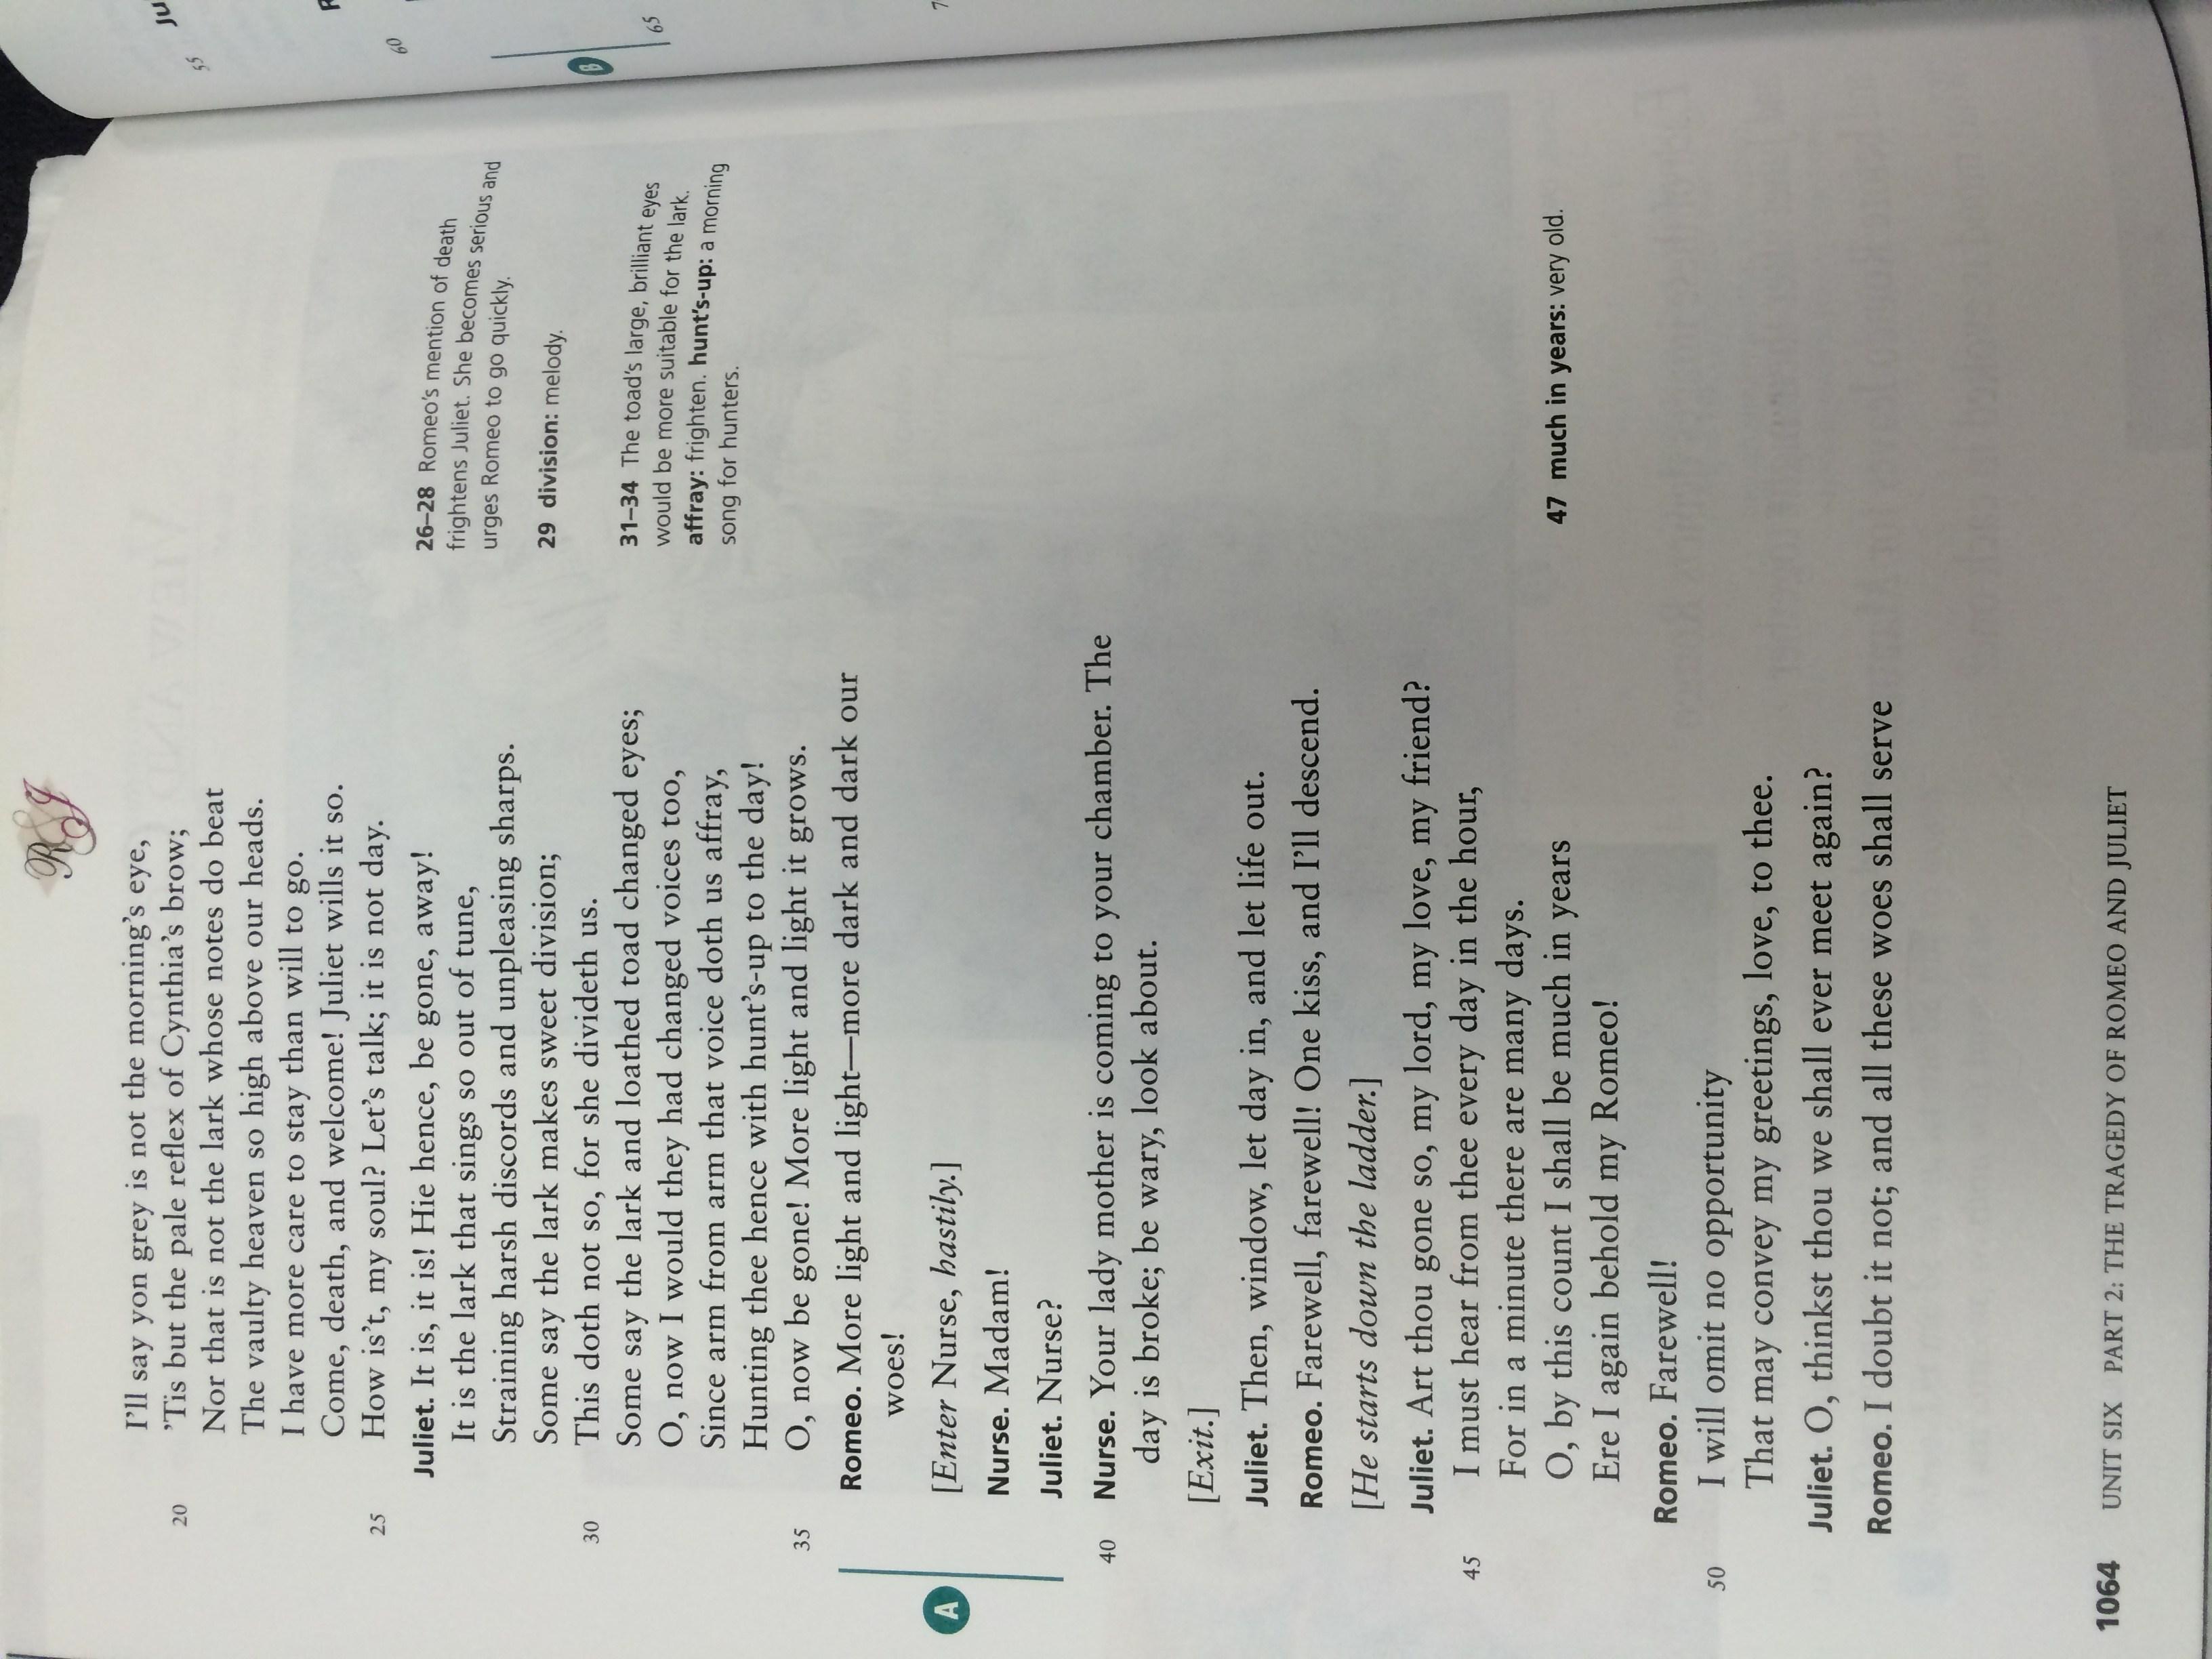 vladimir nabokov essay zodiac signs